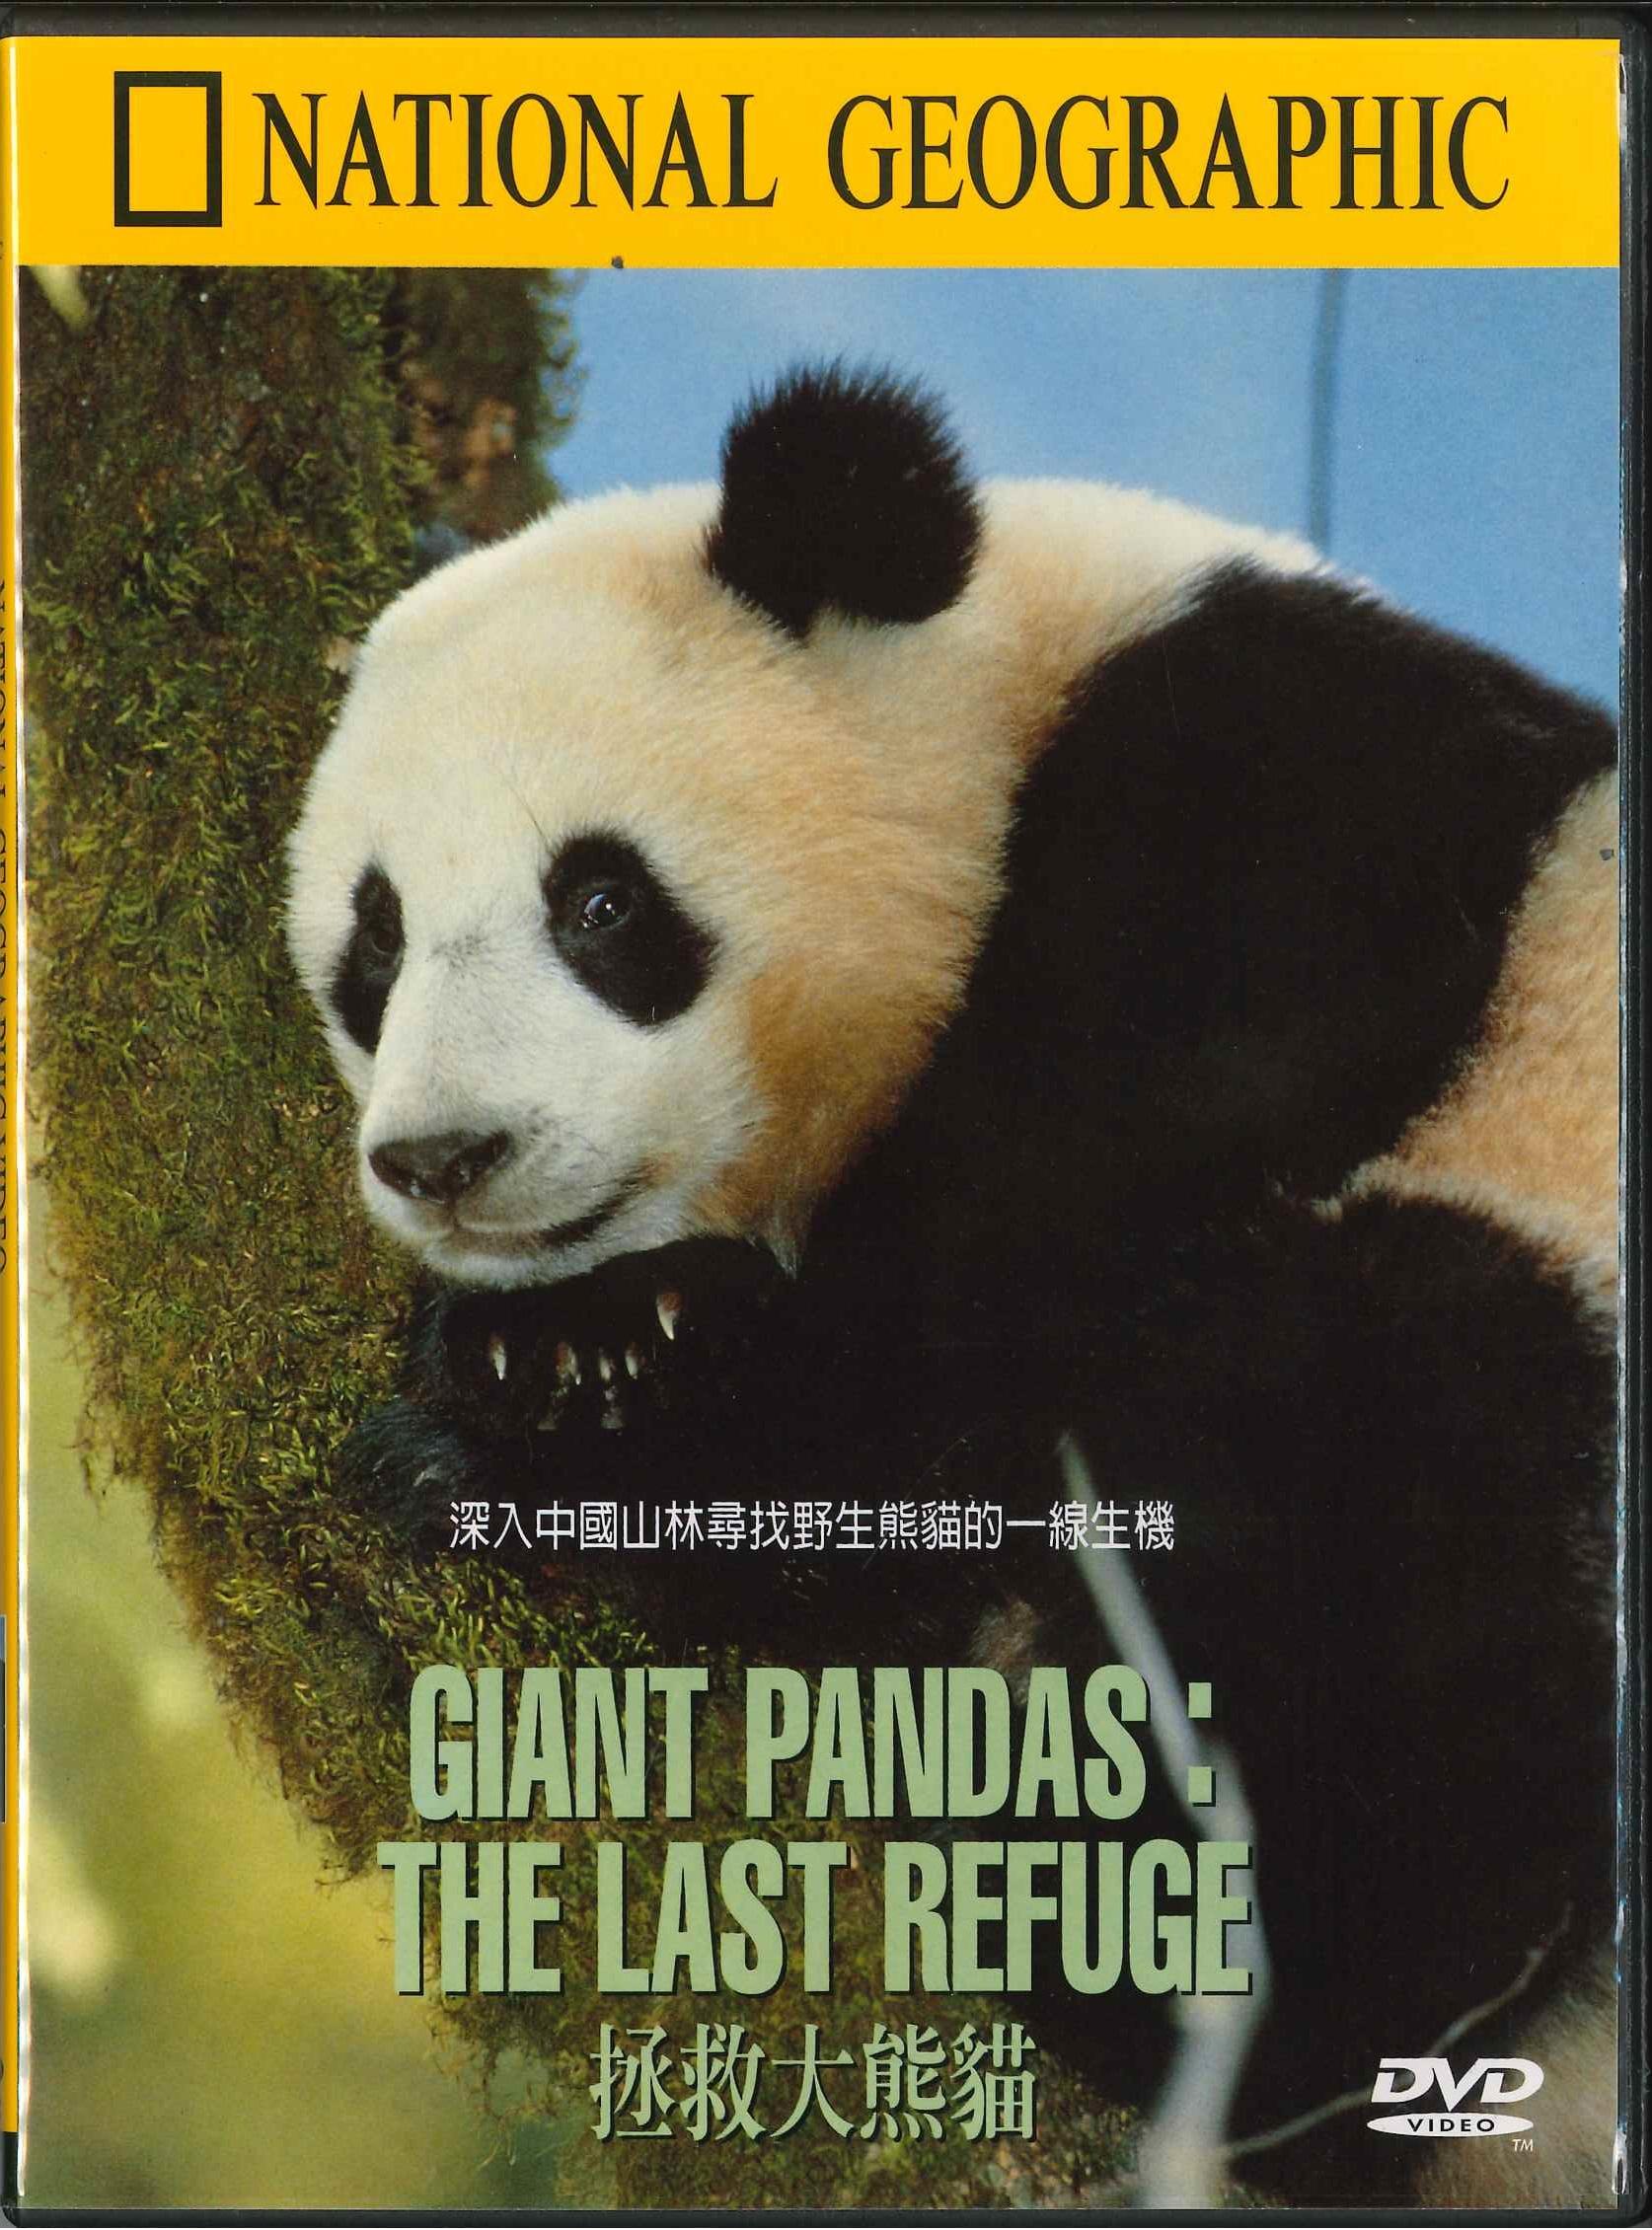 拯救大熊貓 [錄影資料]=Glant pandas: the last refuge